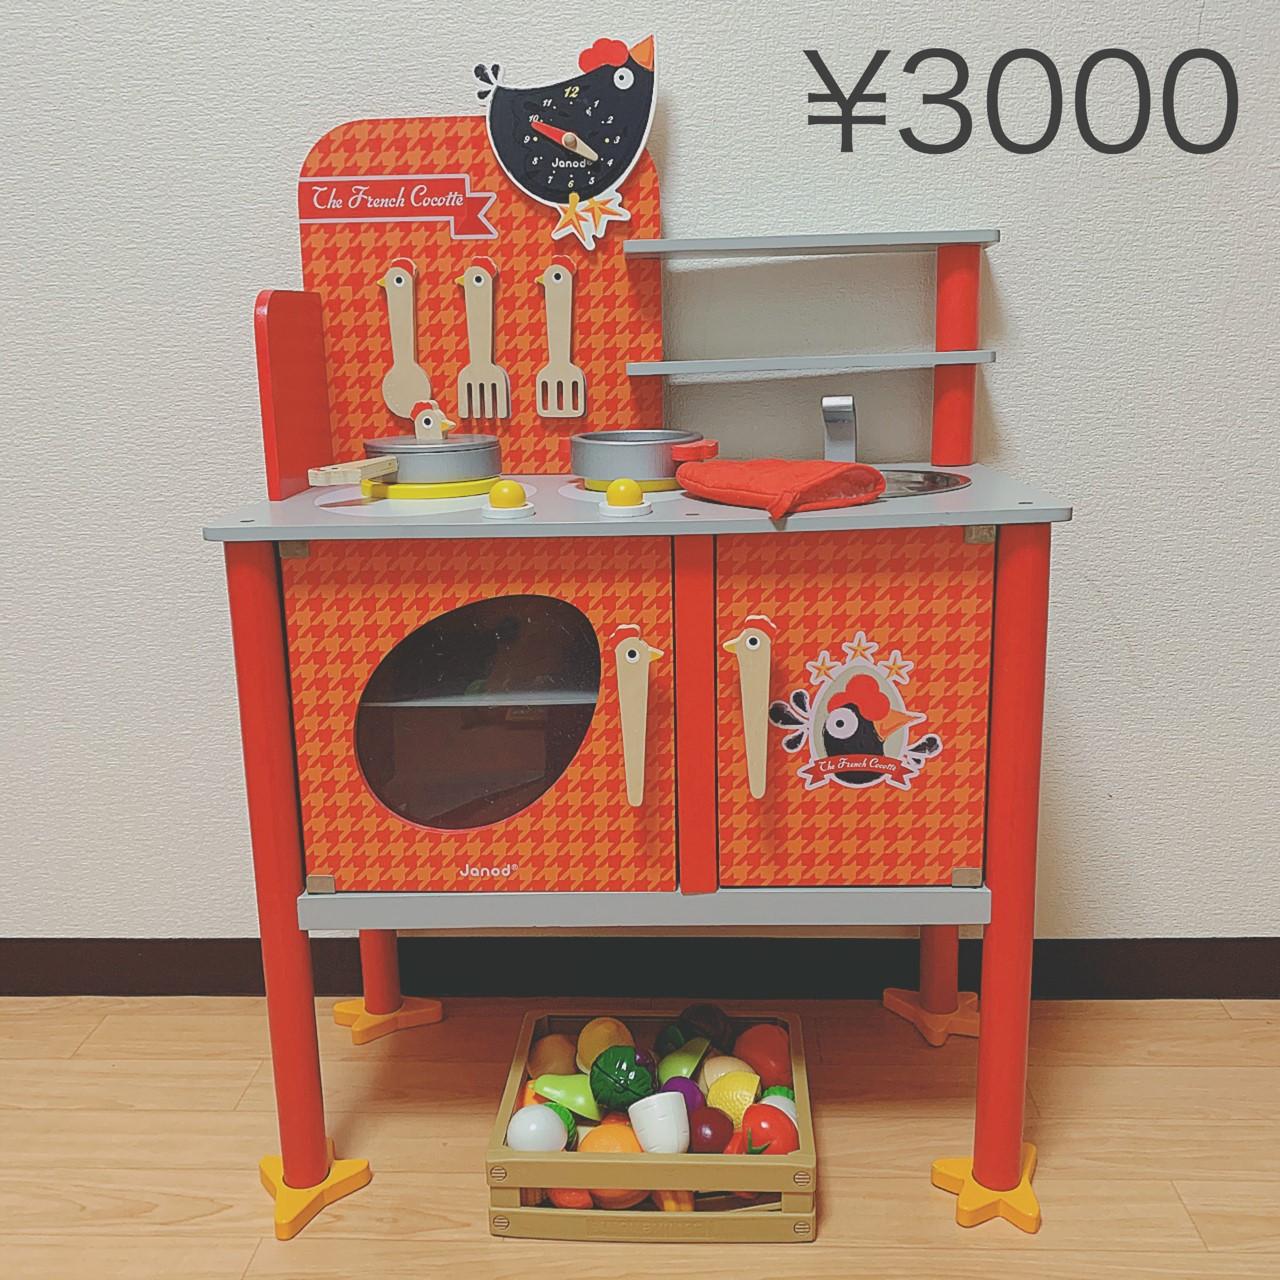 ⑯キッチンセット 3000円